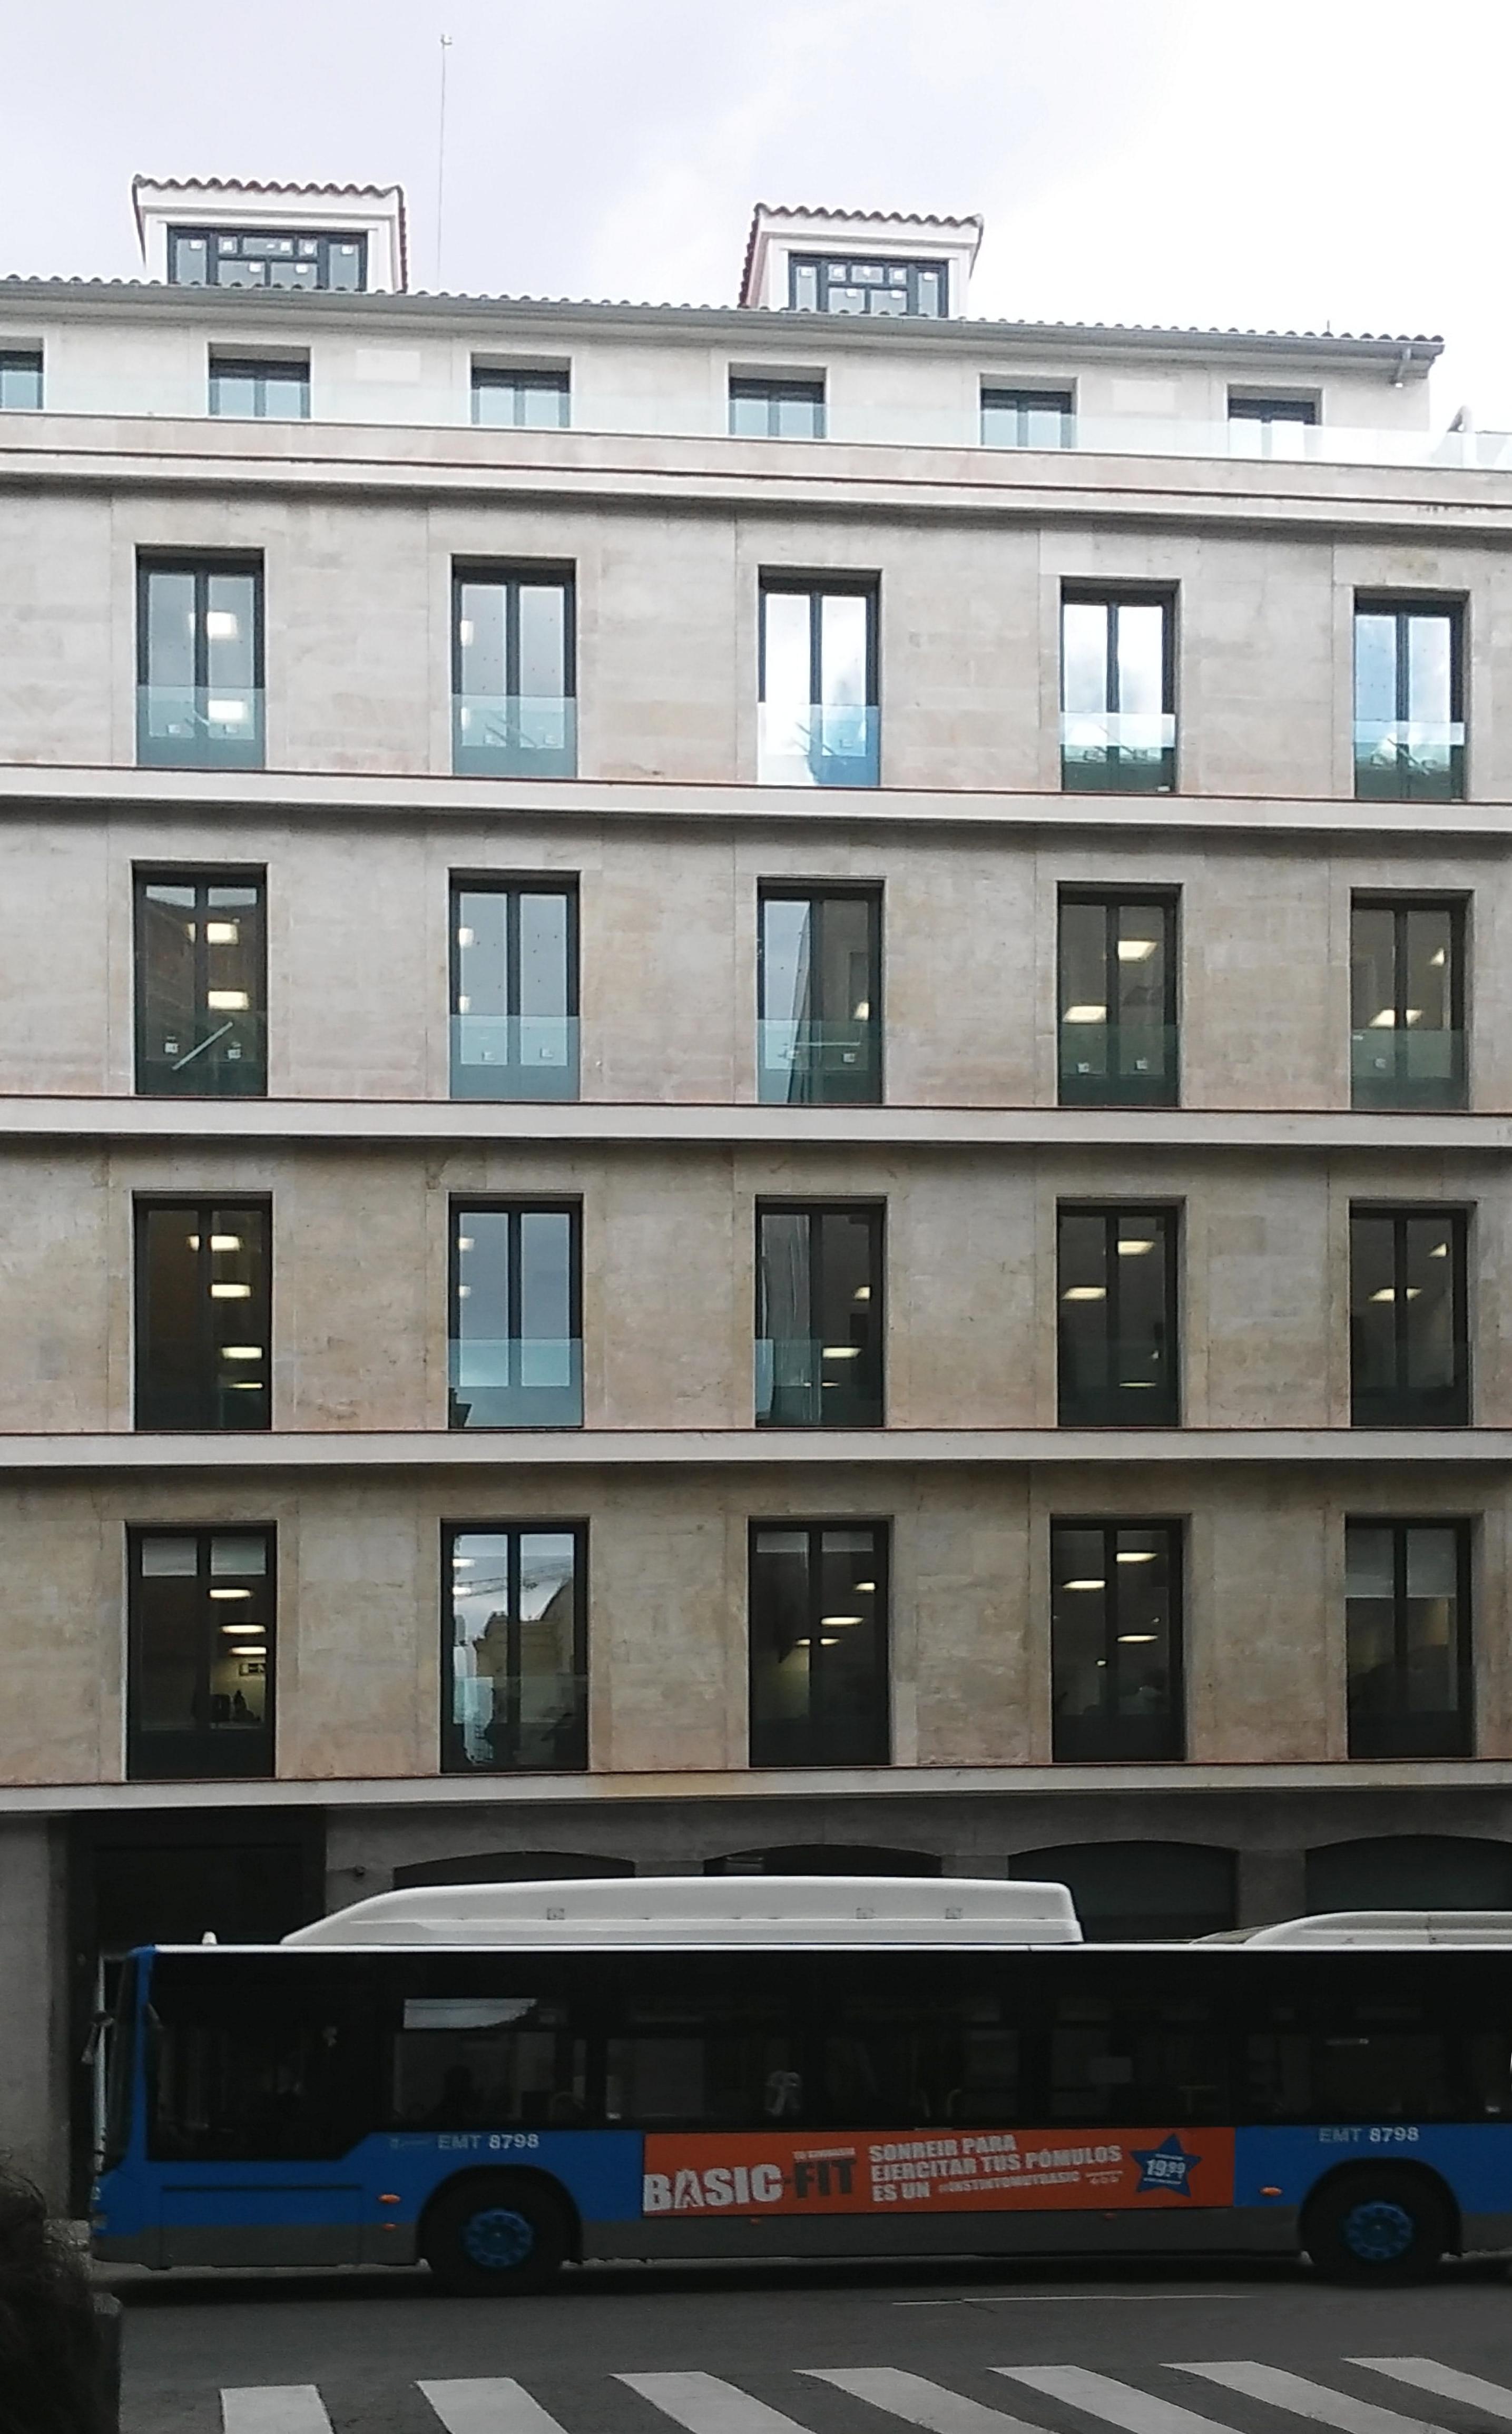 Sistema inmótico SÉQIA gestiona la iluminación de la sede de Catalana Occidente en Madrid.